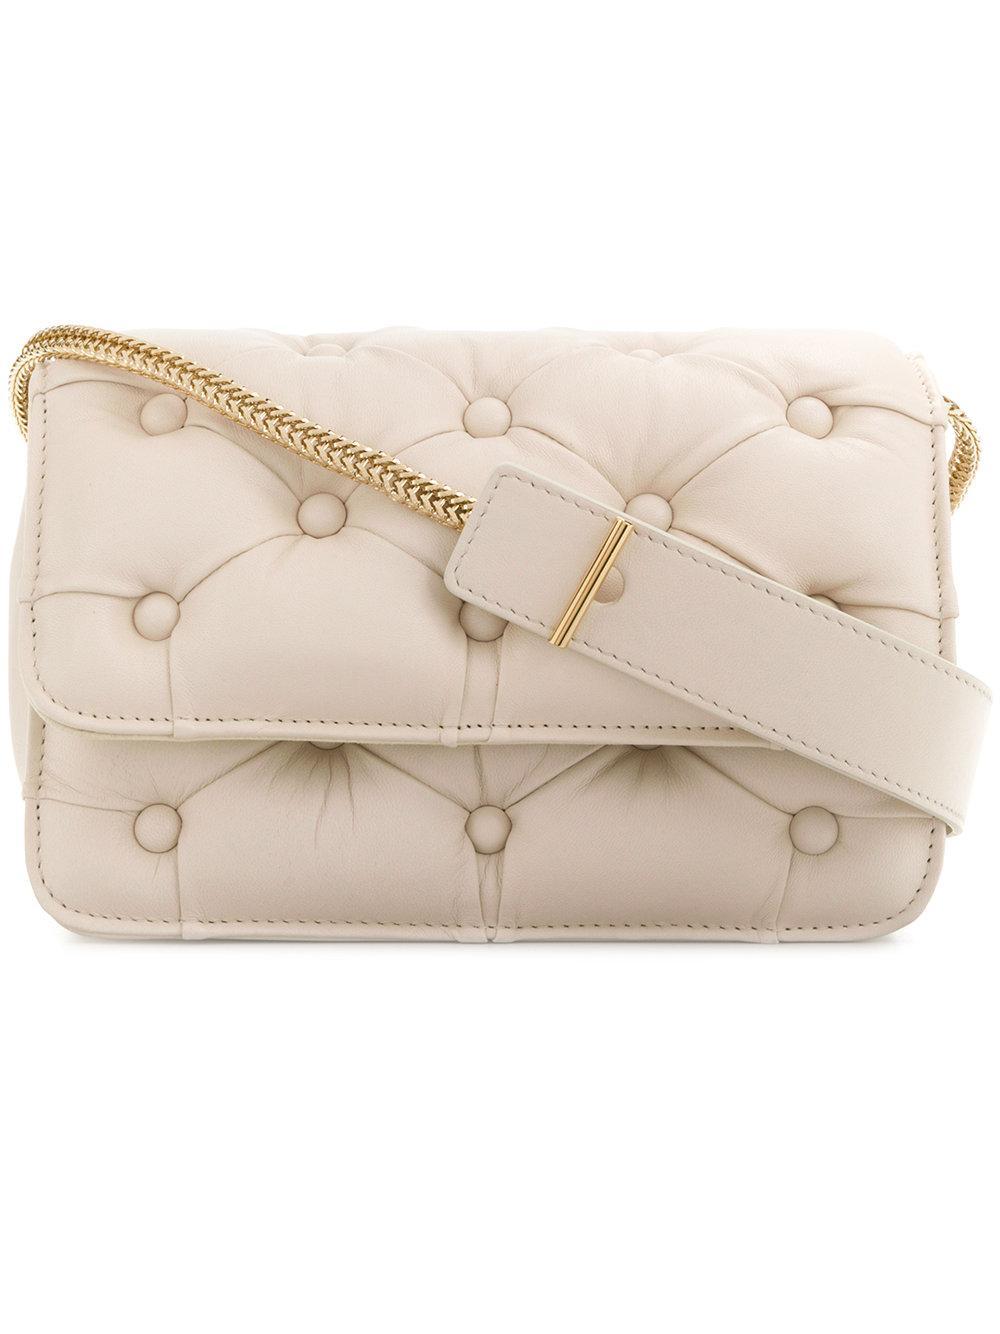 Benedetta Bruzziches Pintucked Shoulder Bag